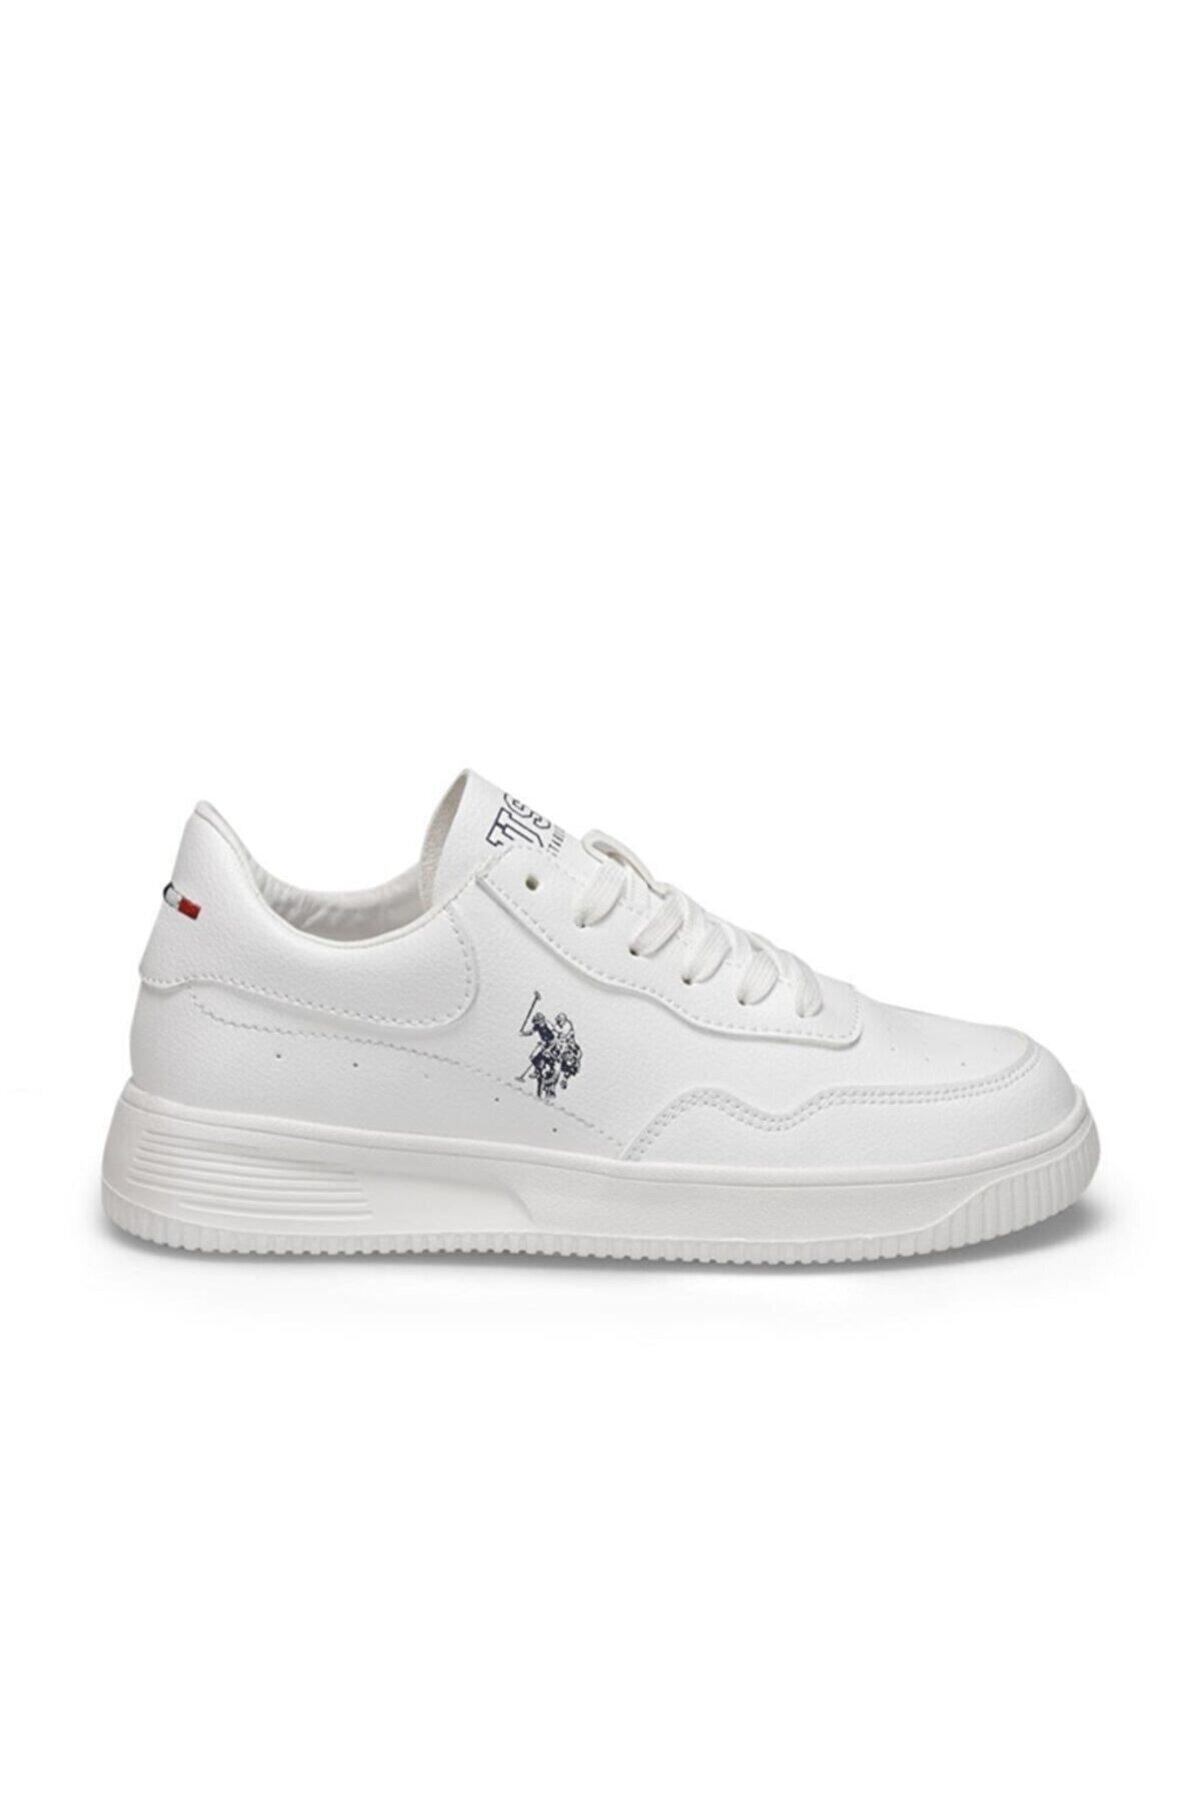 US Polo Assn Unisex Beyaz Abe Casual Confort Günlük Spor Ayakkabısı